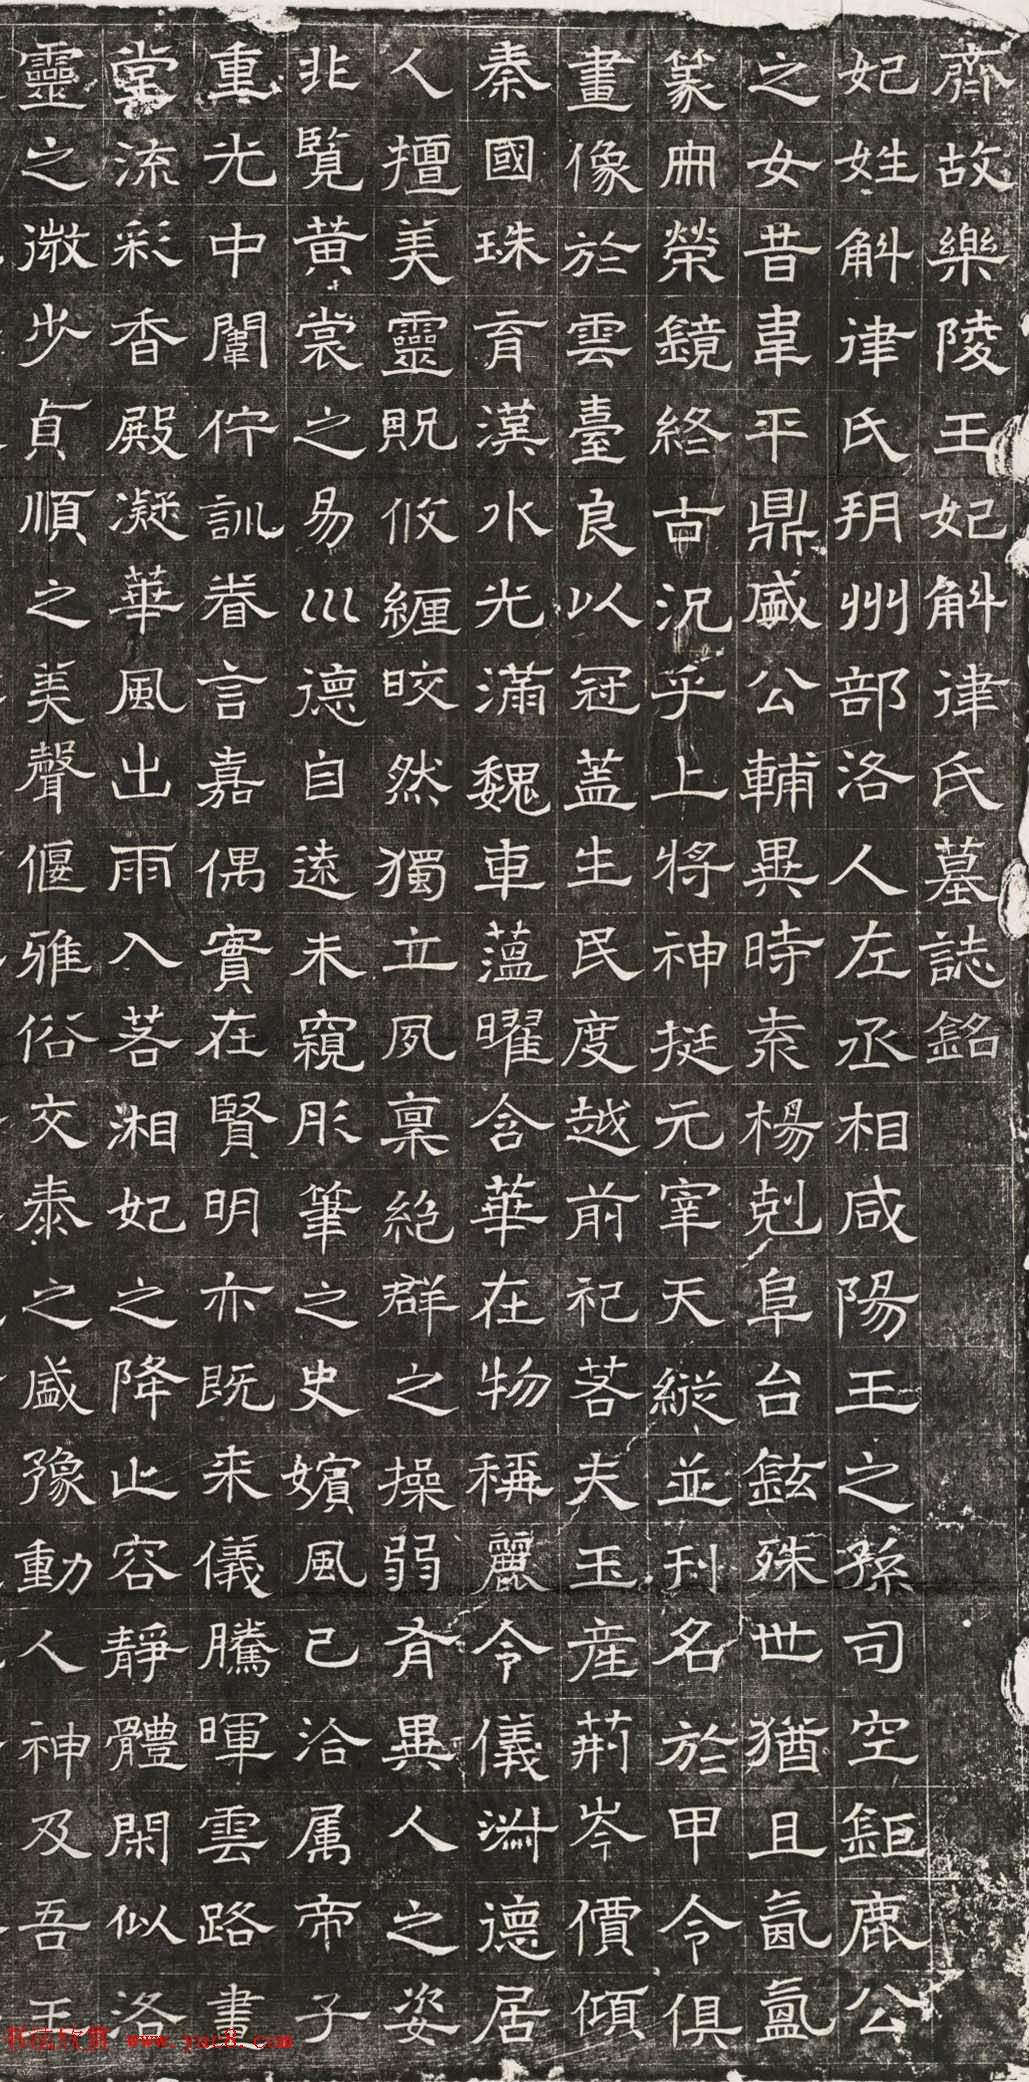 北齊隸書石刻《高百年妃斛律氏墓誌》